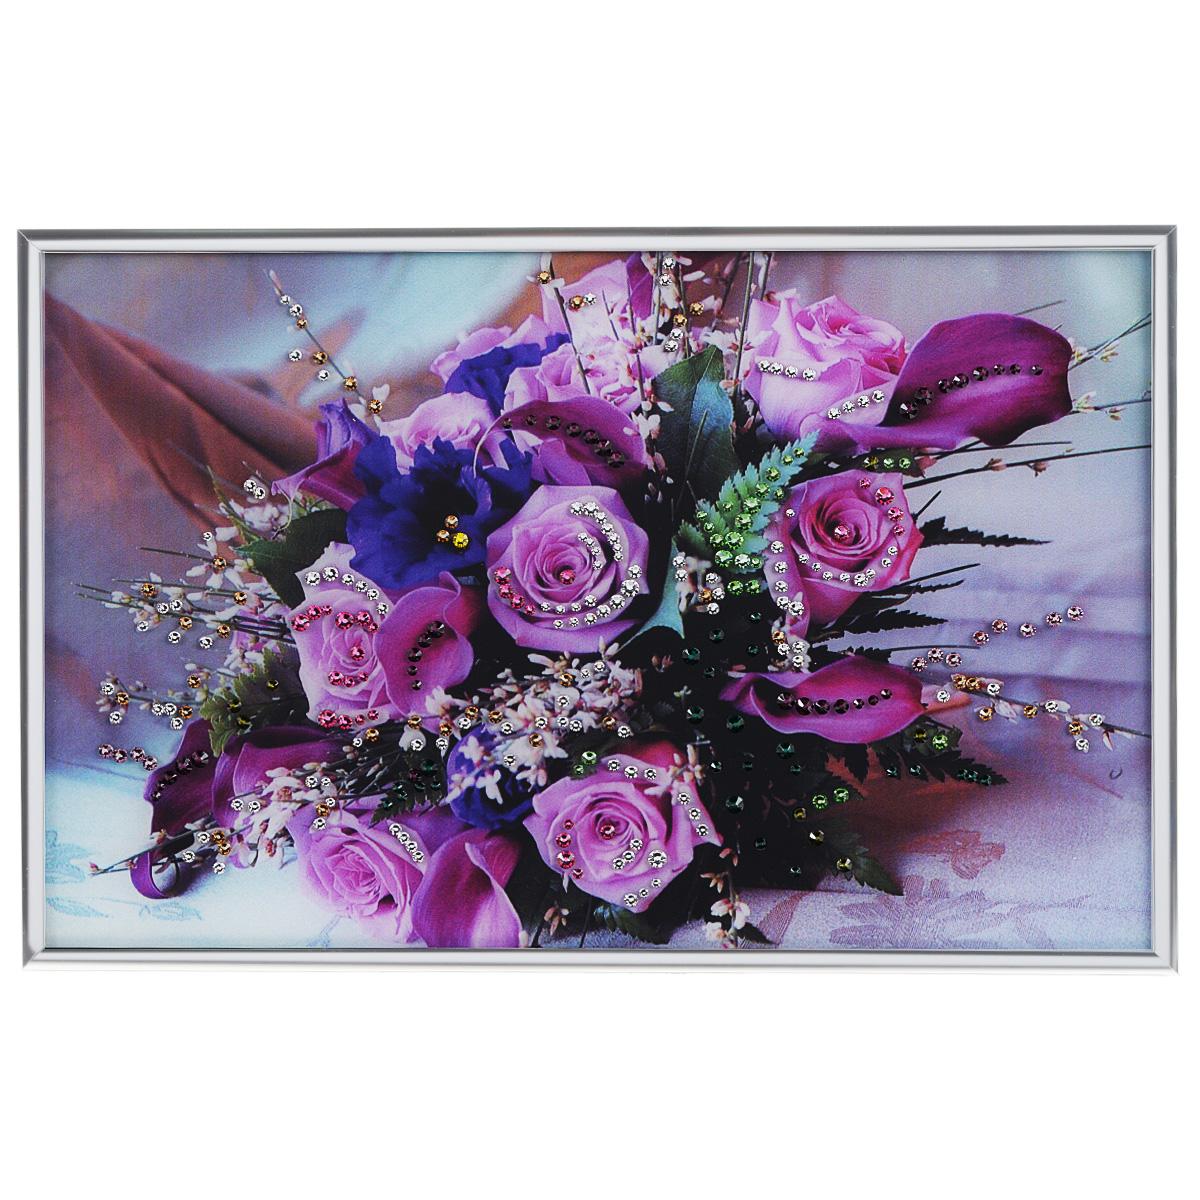 Картина с кристаллами Swarovski Розовые розы, 30 х 20 см12723Изящная картина в металлической раме, инкрустирована кристаллами Swarovski, которые отличаются четкой и ровной огранкой, ярким блеском и чистотой цвета. Красочное изображение букета роз, расположенное под стеклом, прекрасно дополняет блеск кристаллов. С обратной стороны имеется металлическая петелька для размещения картины на стене.Картина с кристаллами Swarovski Розовые розы элегантно украсит интерьер дома или офиса, а также станет прекрасным подарком, который обязательно понравится получателю. Блеск кристаллов в интерьере, что может быть сказочнее и удивительнее. Картина упакована в подарочную картонную коробку синего цвета и комплектуется сертификатом соответствия Swarovski.